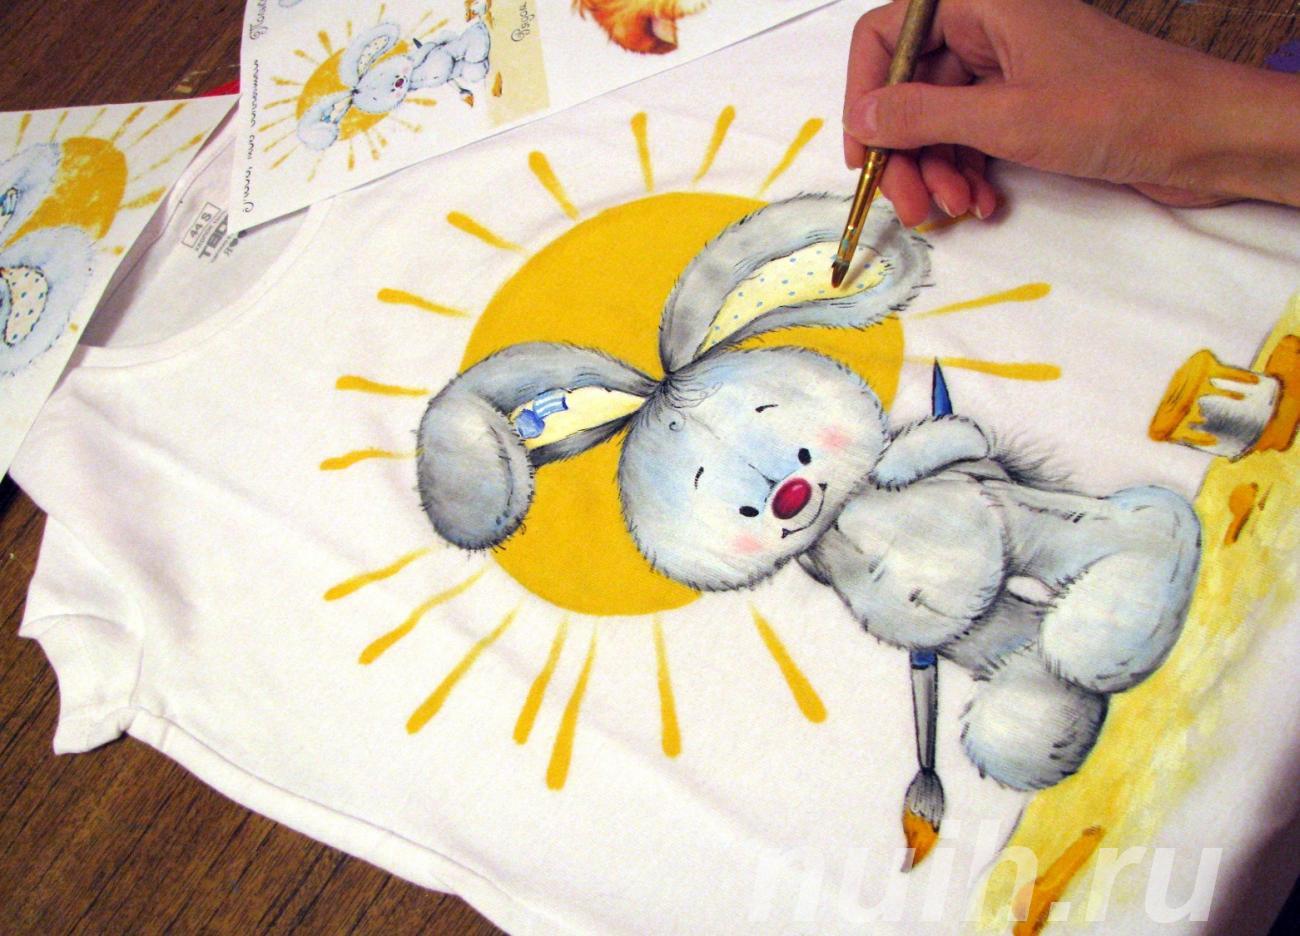 Мастер-класс по росписи футболок в Центре Союз,  Тула